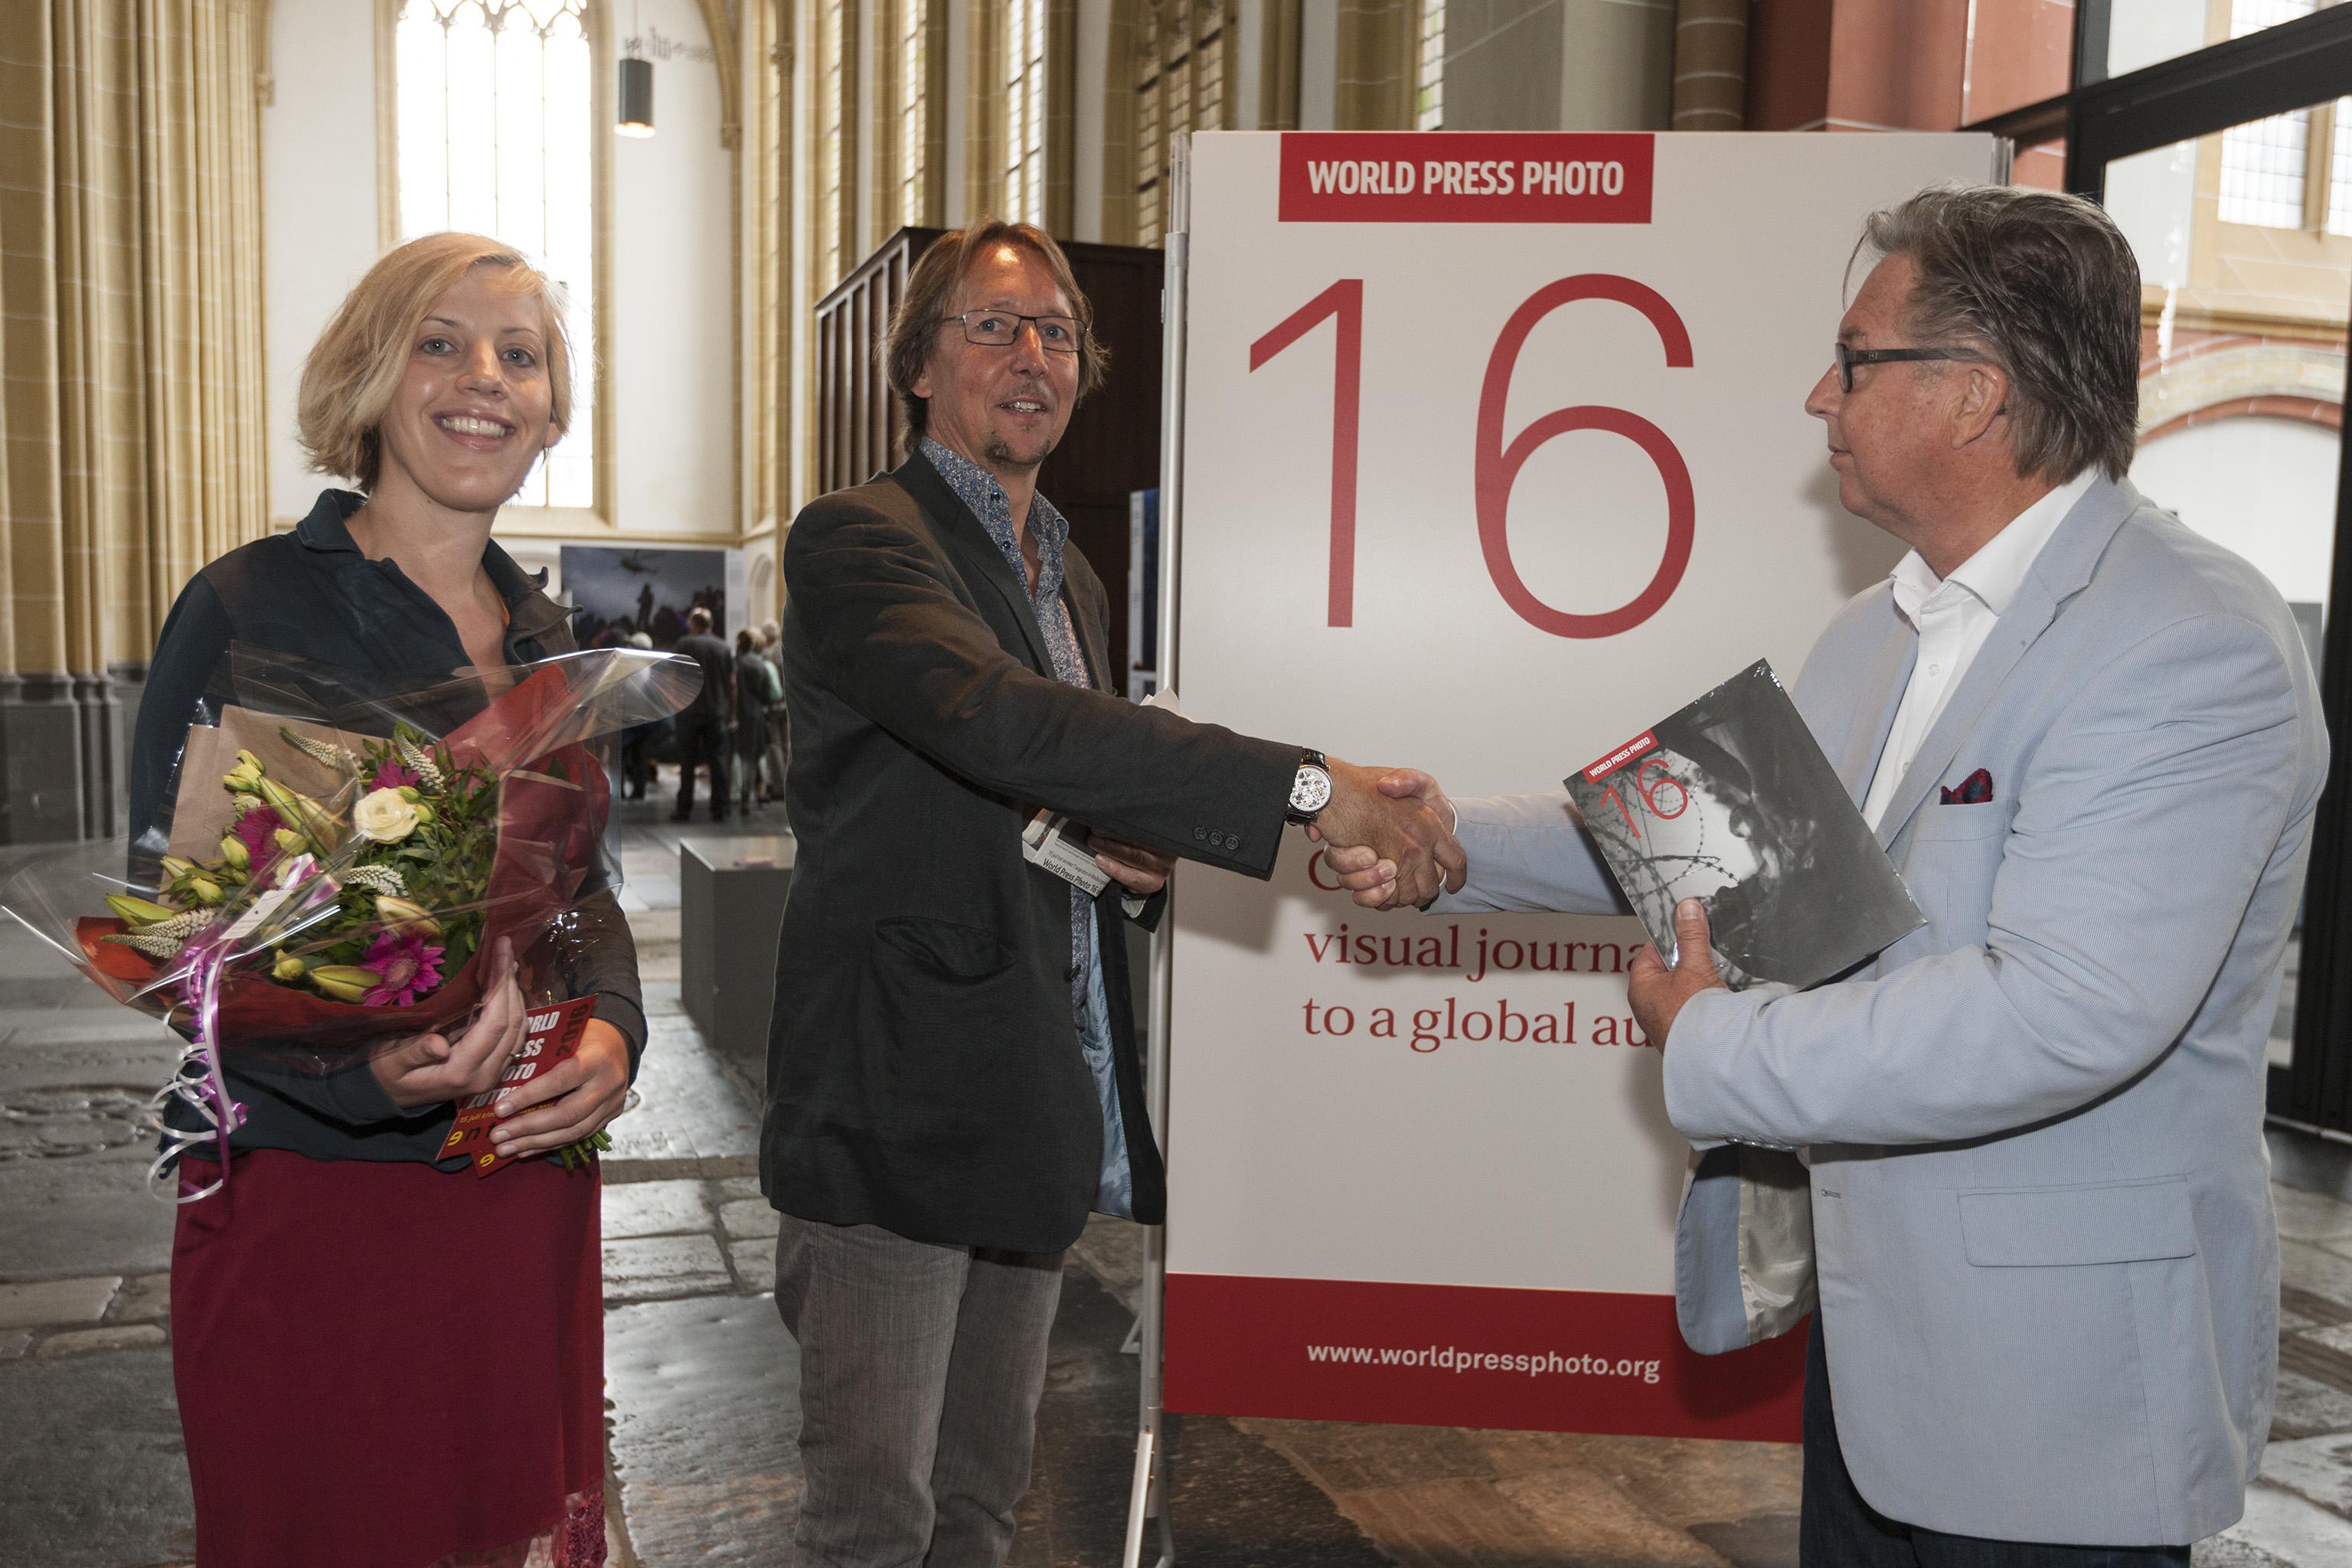 Voorzitter Peter Meulenbroek (rechts) overhandigt de 10.000ste bezoeker van de World Press Photo Zutphen bloemen en een fotoboek. (foto Patrick van Gemert/Zutphens Persbureau)